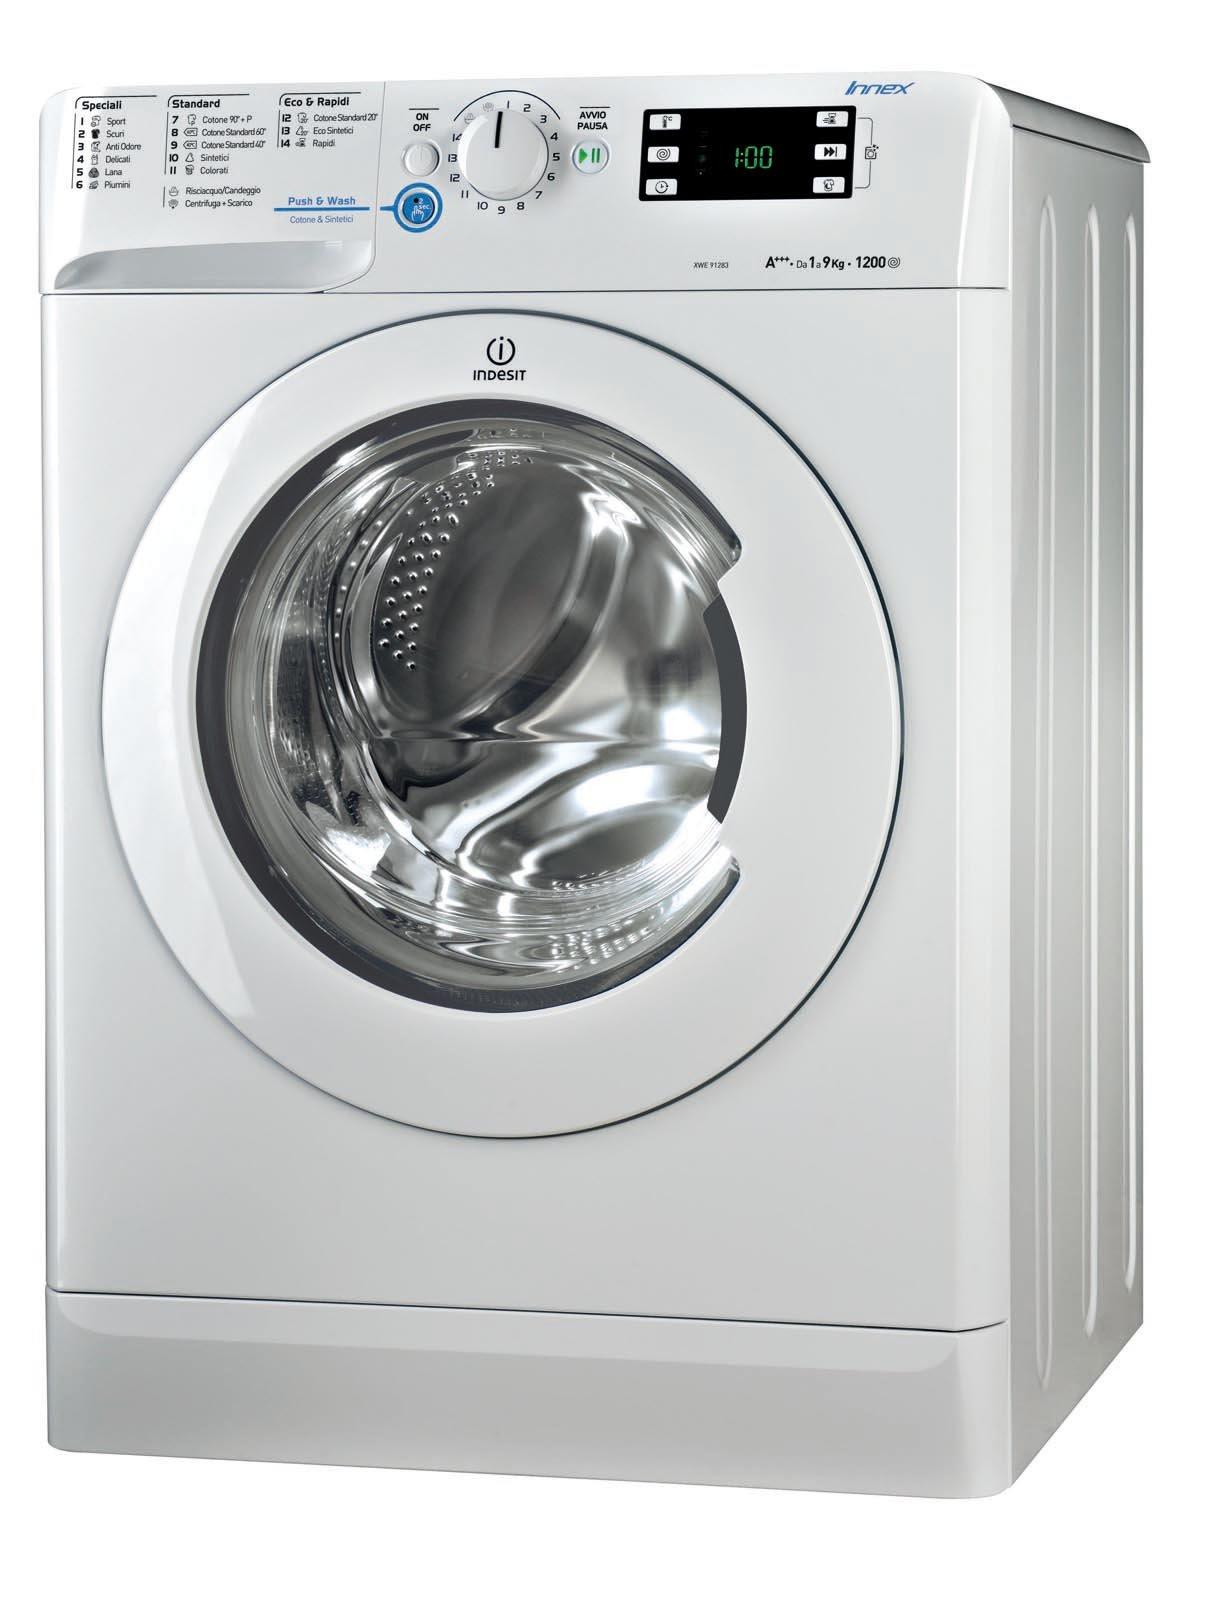 Lavatrici il modello giusto per ogni esigenza cose di casa - Modelli lavatrici ...